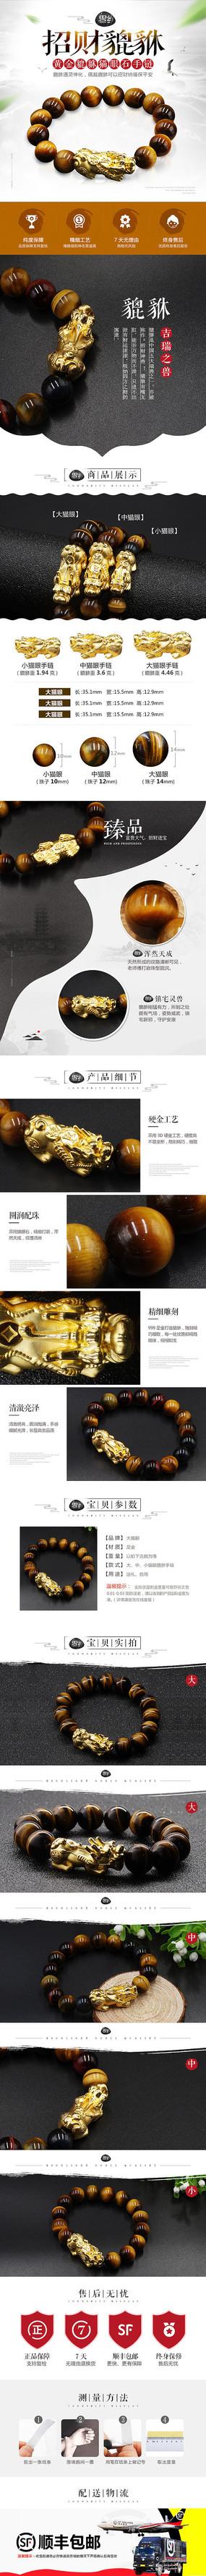 中国风详情页模板 PSD